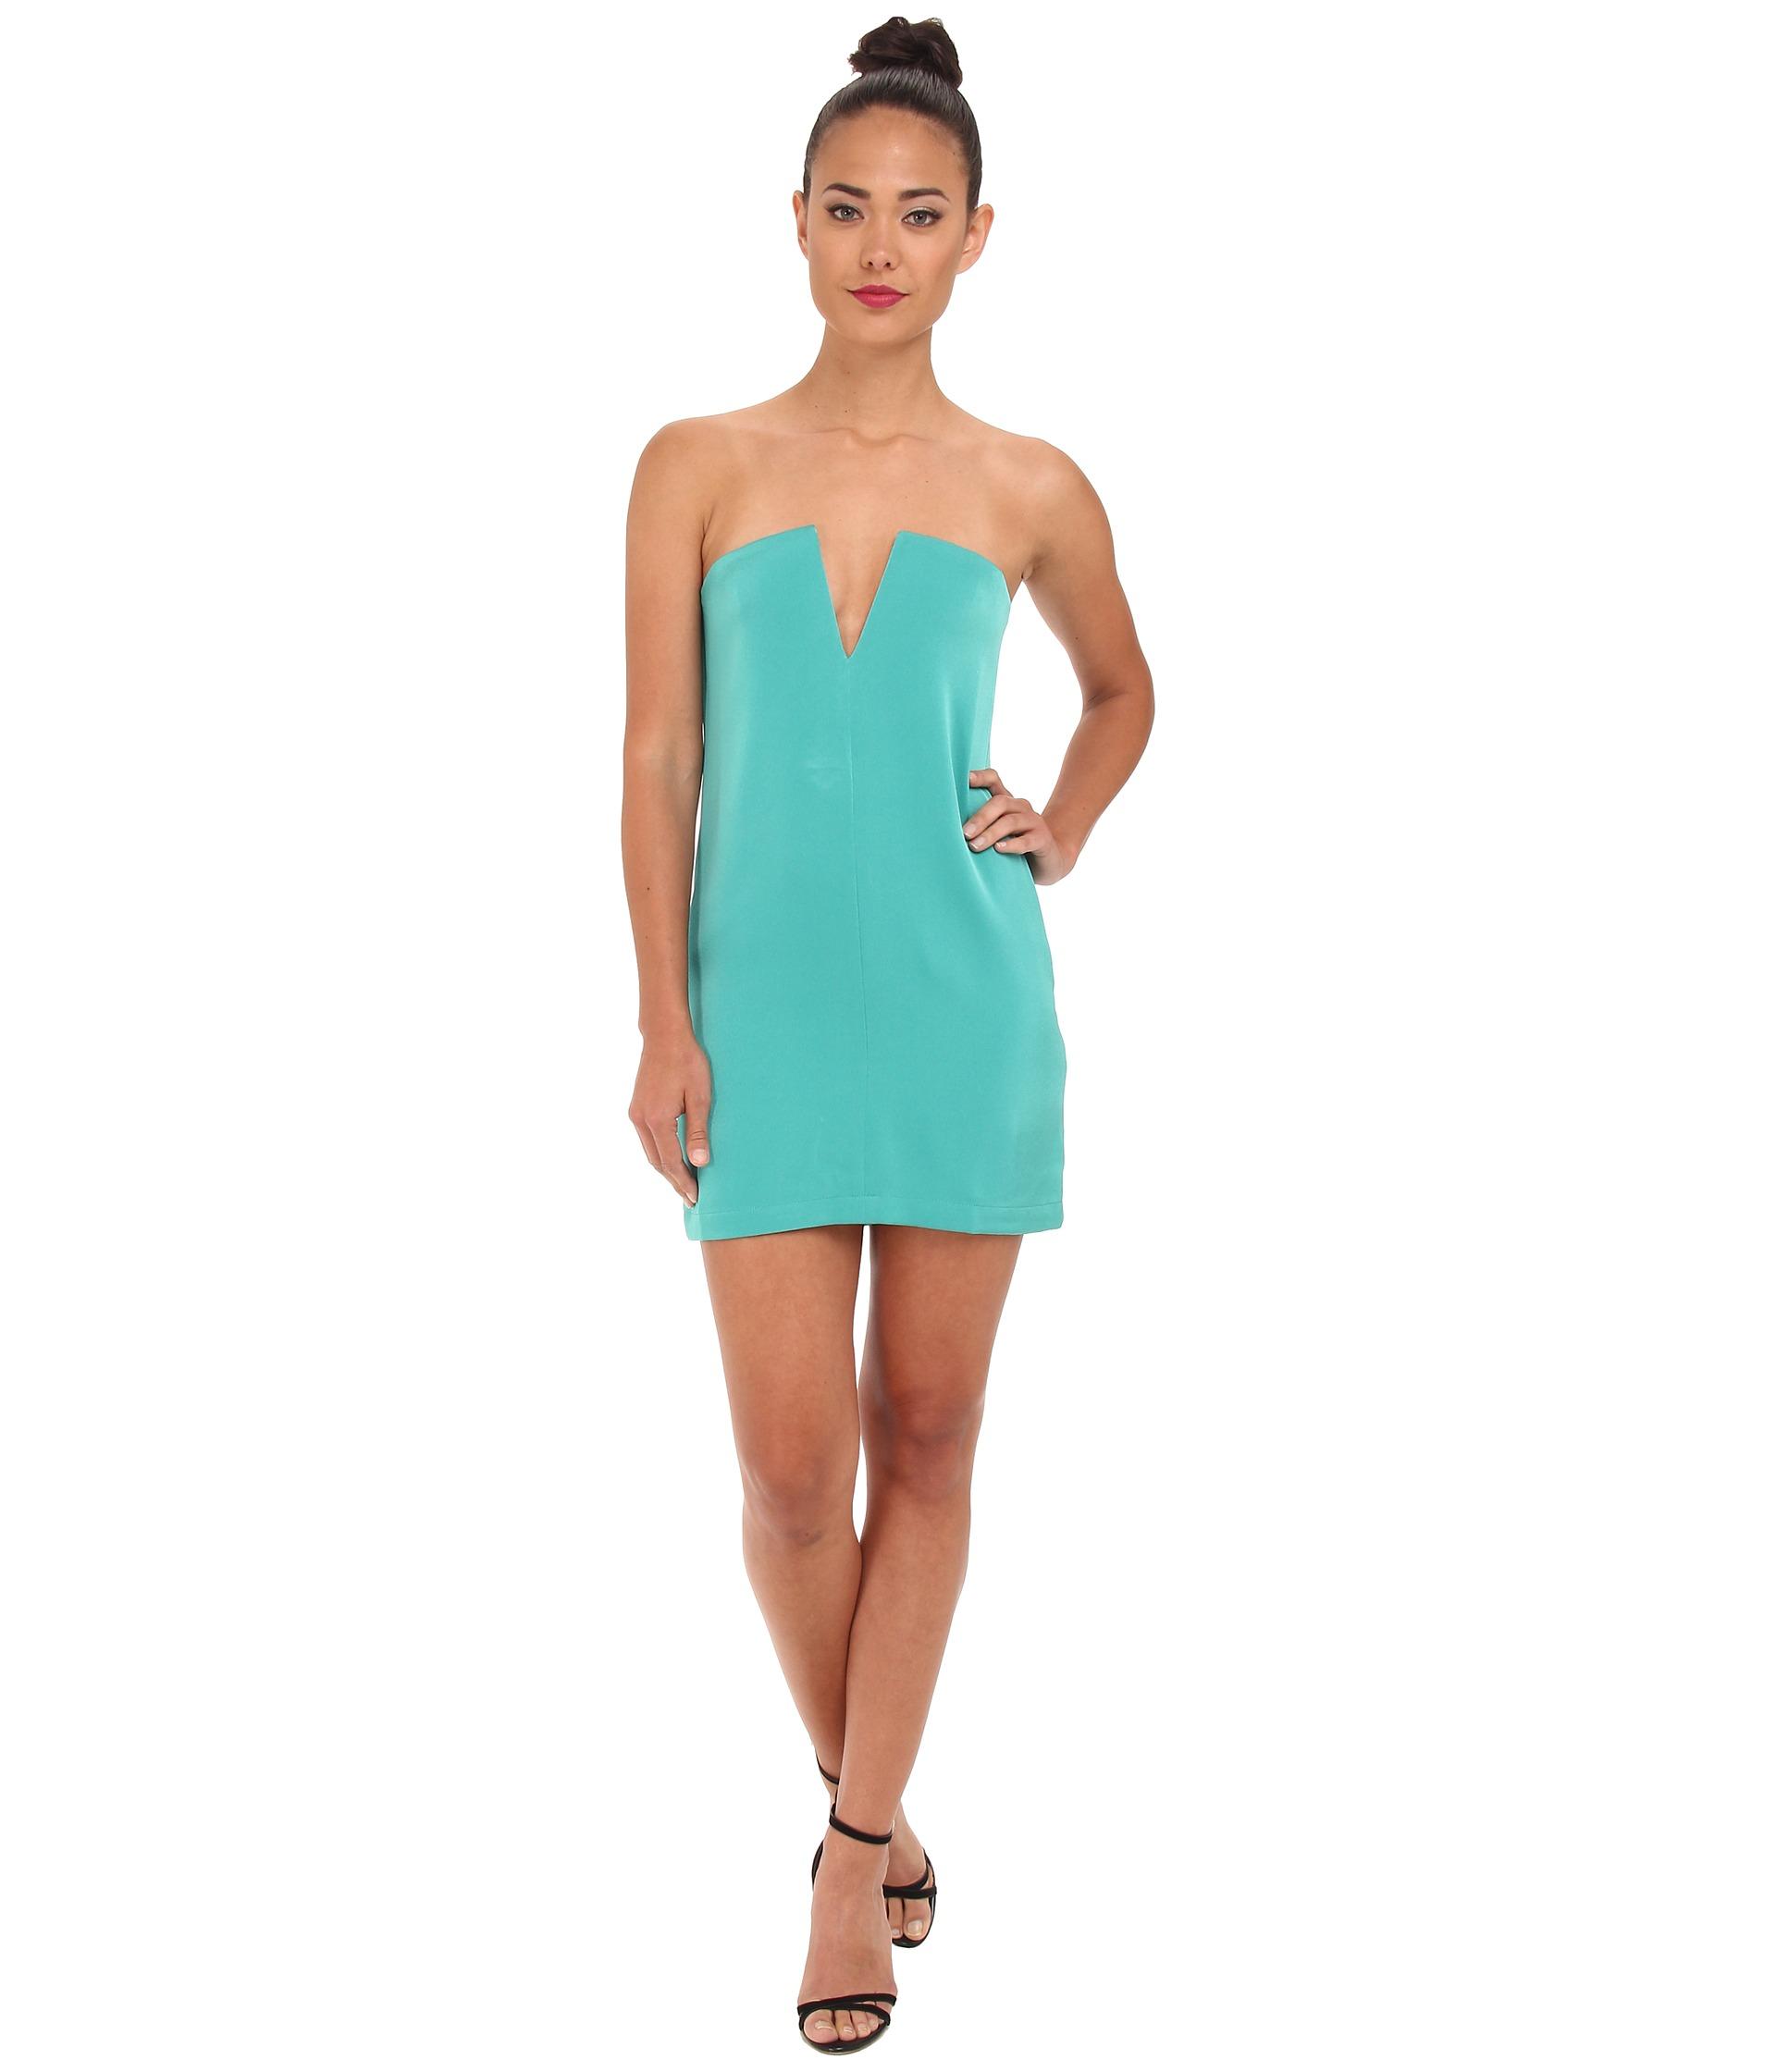 Bcbgmaxazria Evening Dresses - Boutique Prom Dresses